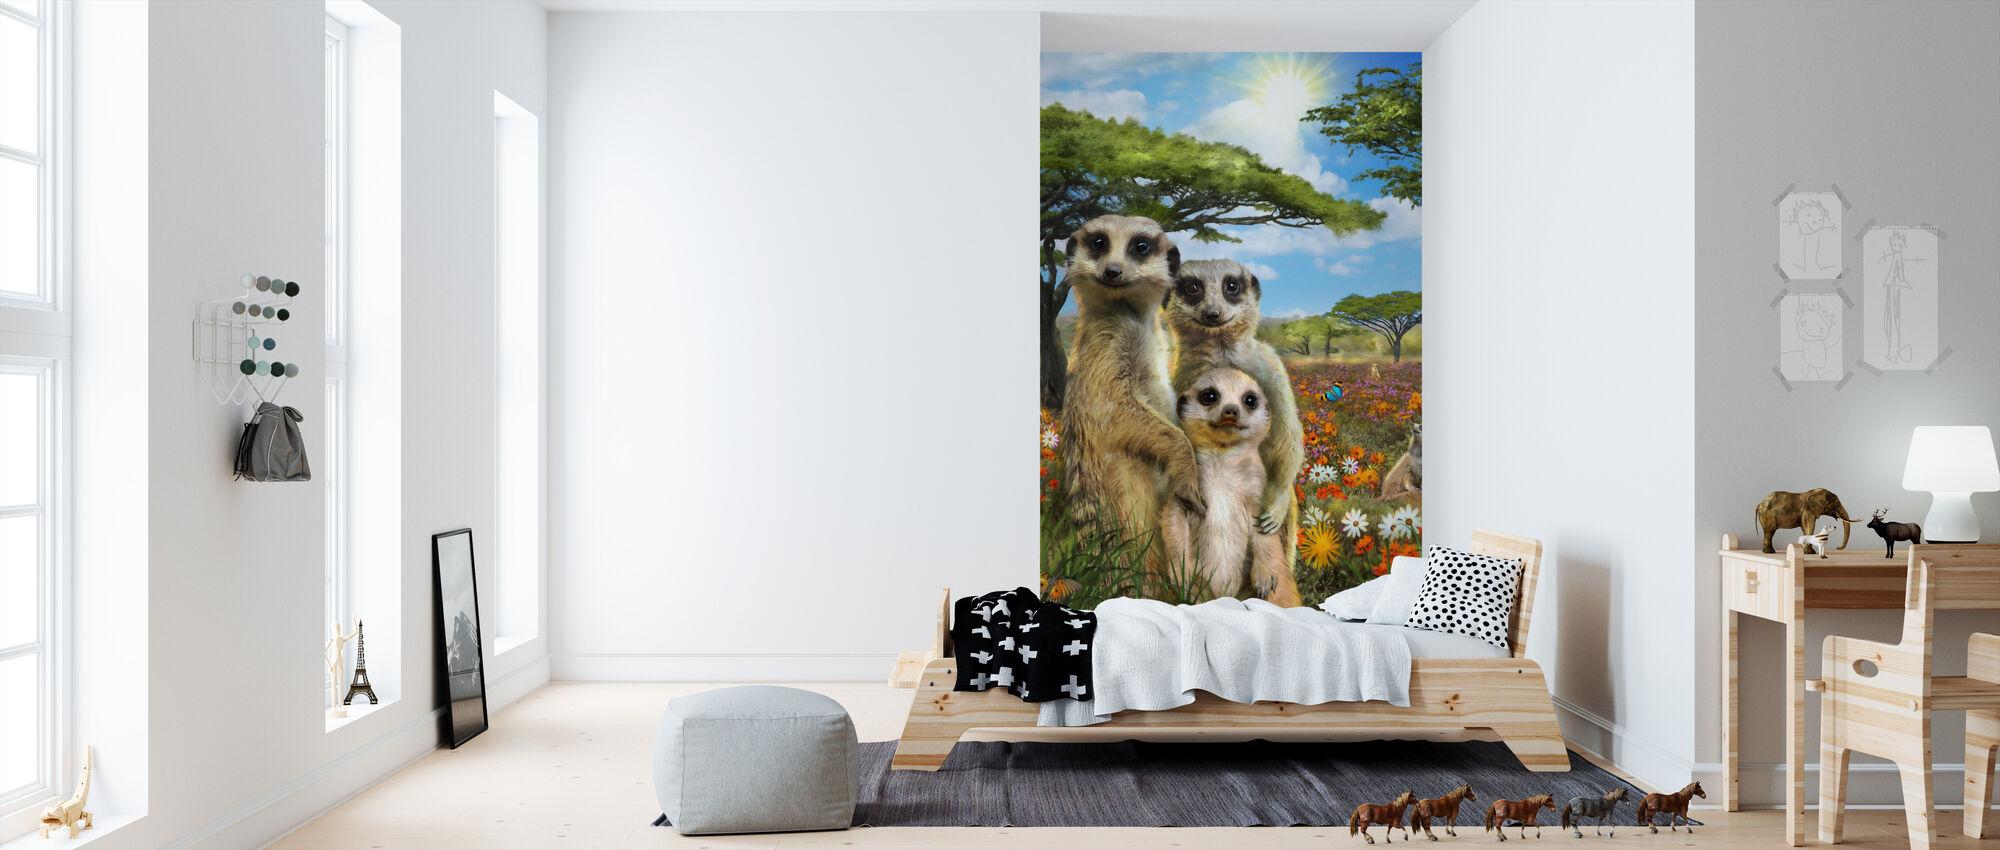 Suricato Savannah - Papel pintado - Cuarto de niños